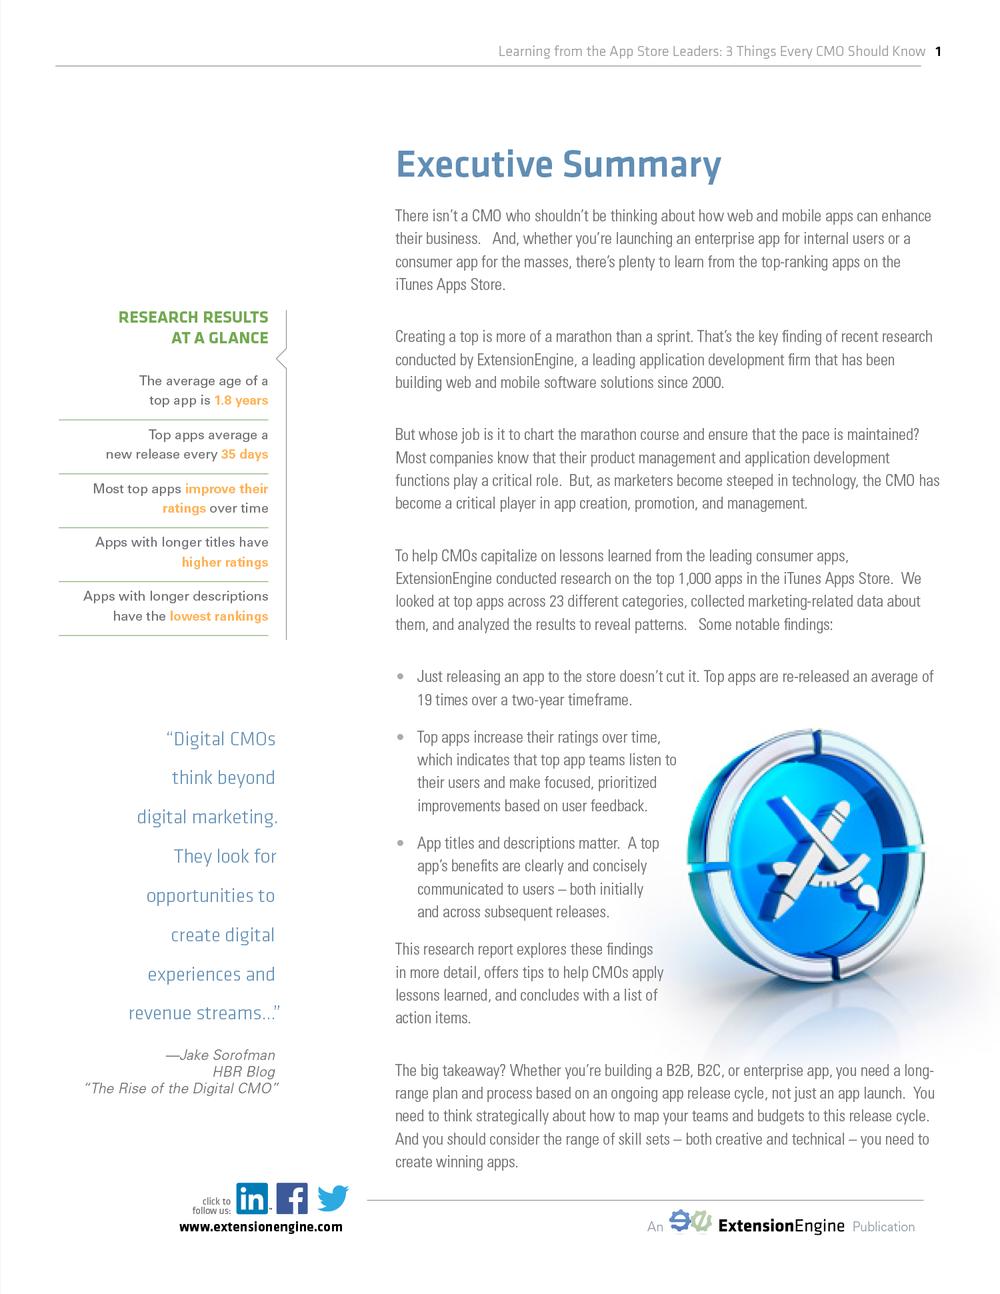 EE_Brief_AppStore-Leaders-3.png